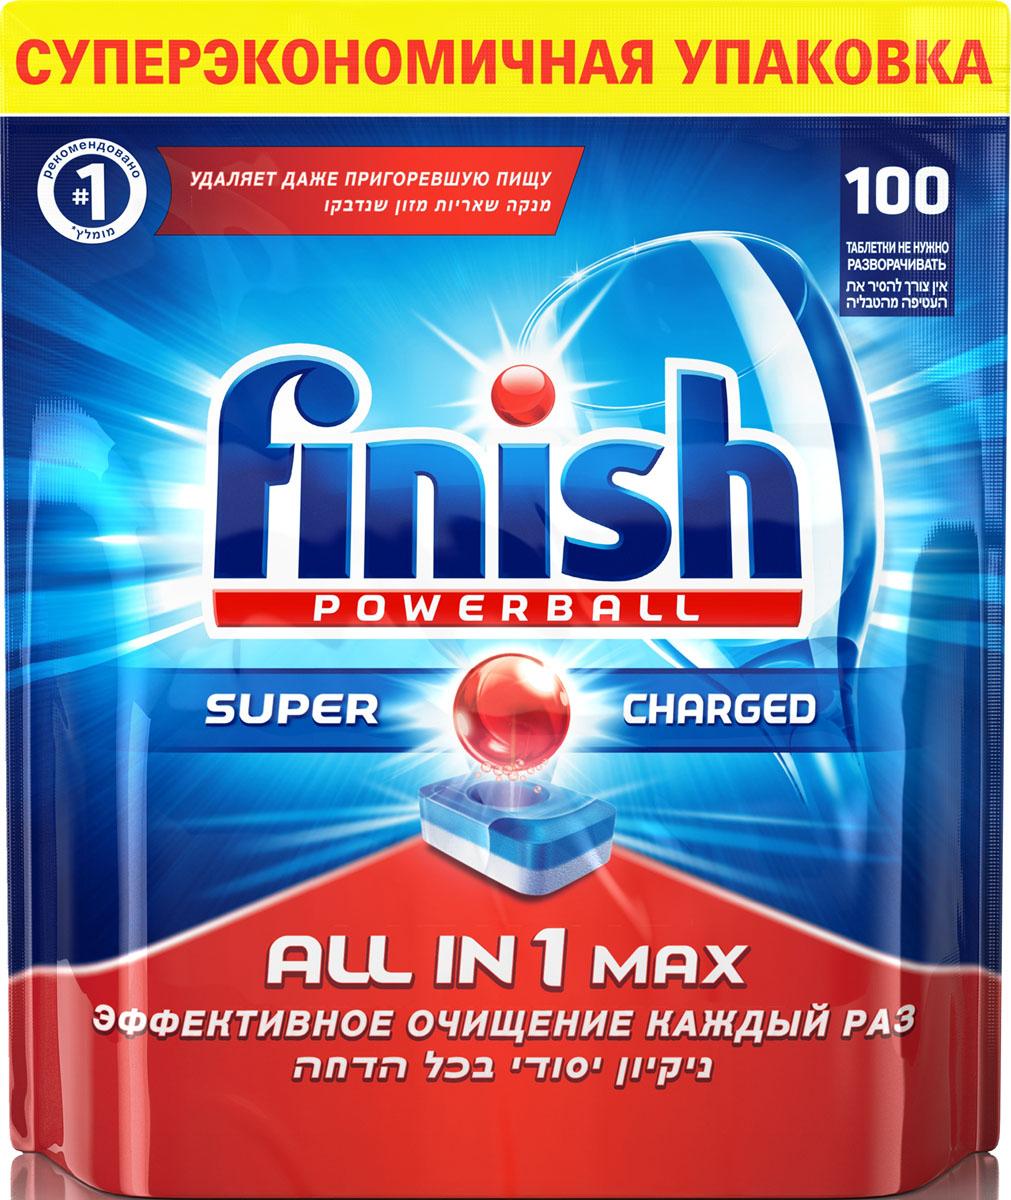 Таблетки для посудомоечной машины Finish Powerball All in 1 Max, 100 шт10015_пакетТаблетки для посудомоечных машин Finish Powerball All in 1 Max обеспечивают сверкающую чистоту и блеск, а также защищают стеклянную посуду от налета. Они идеальны для использования на коротких циклах - таблетки быстро растворяются.Состав: 30% и более фосфаты, 5% или более, но менее 15%, кислородсодержащий отбеливатель, менее 5% поликарбоксилаты, менее 5% неионогенные ПАВ, менее 5% фосфонаты, энзимы, ароматизаторы, гексилциннамаль, линалоол.Товар сертифицирован.